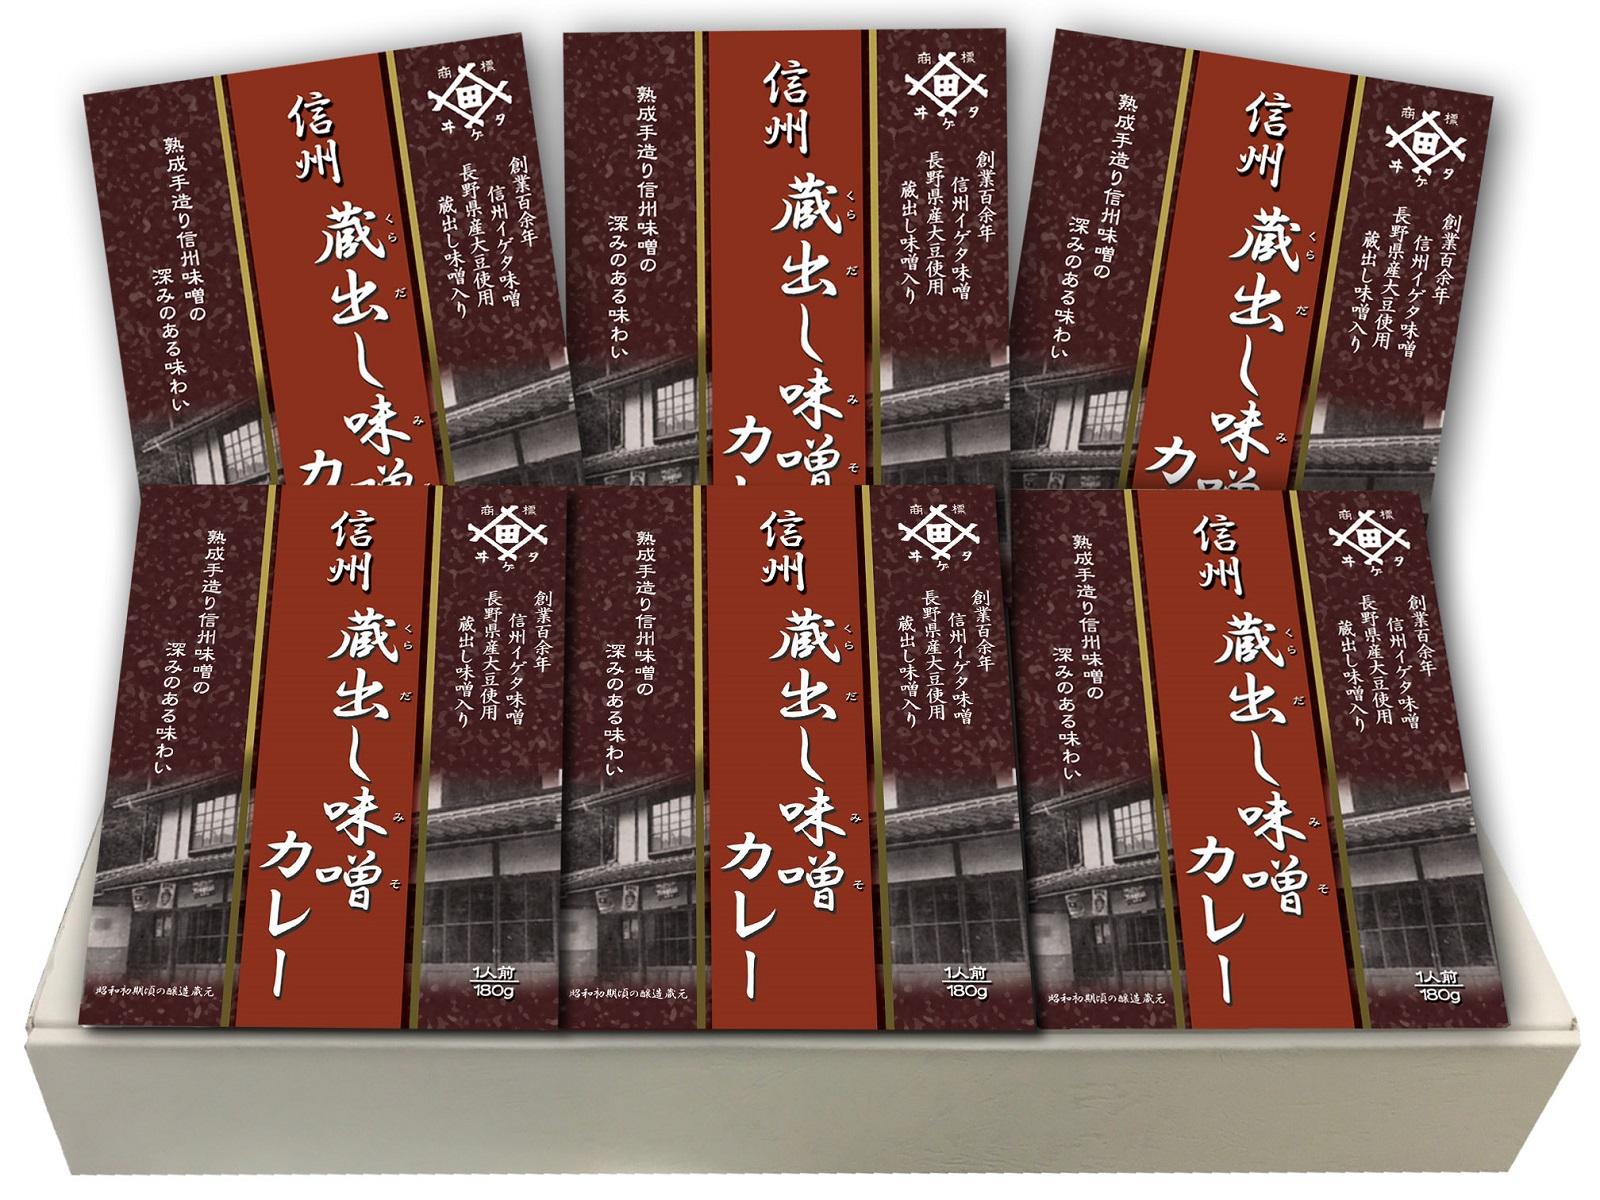 【ふるさと納税】008-043蔵出し味噌カレー6個セット